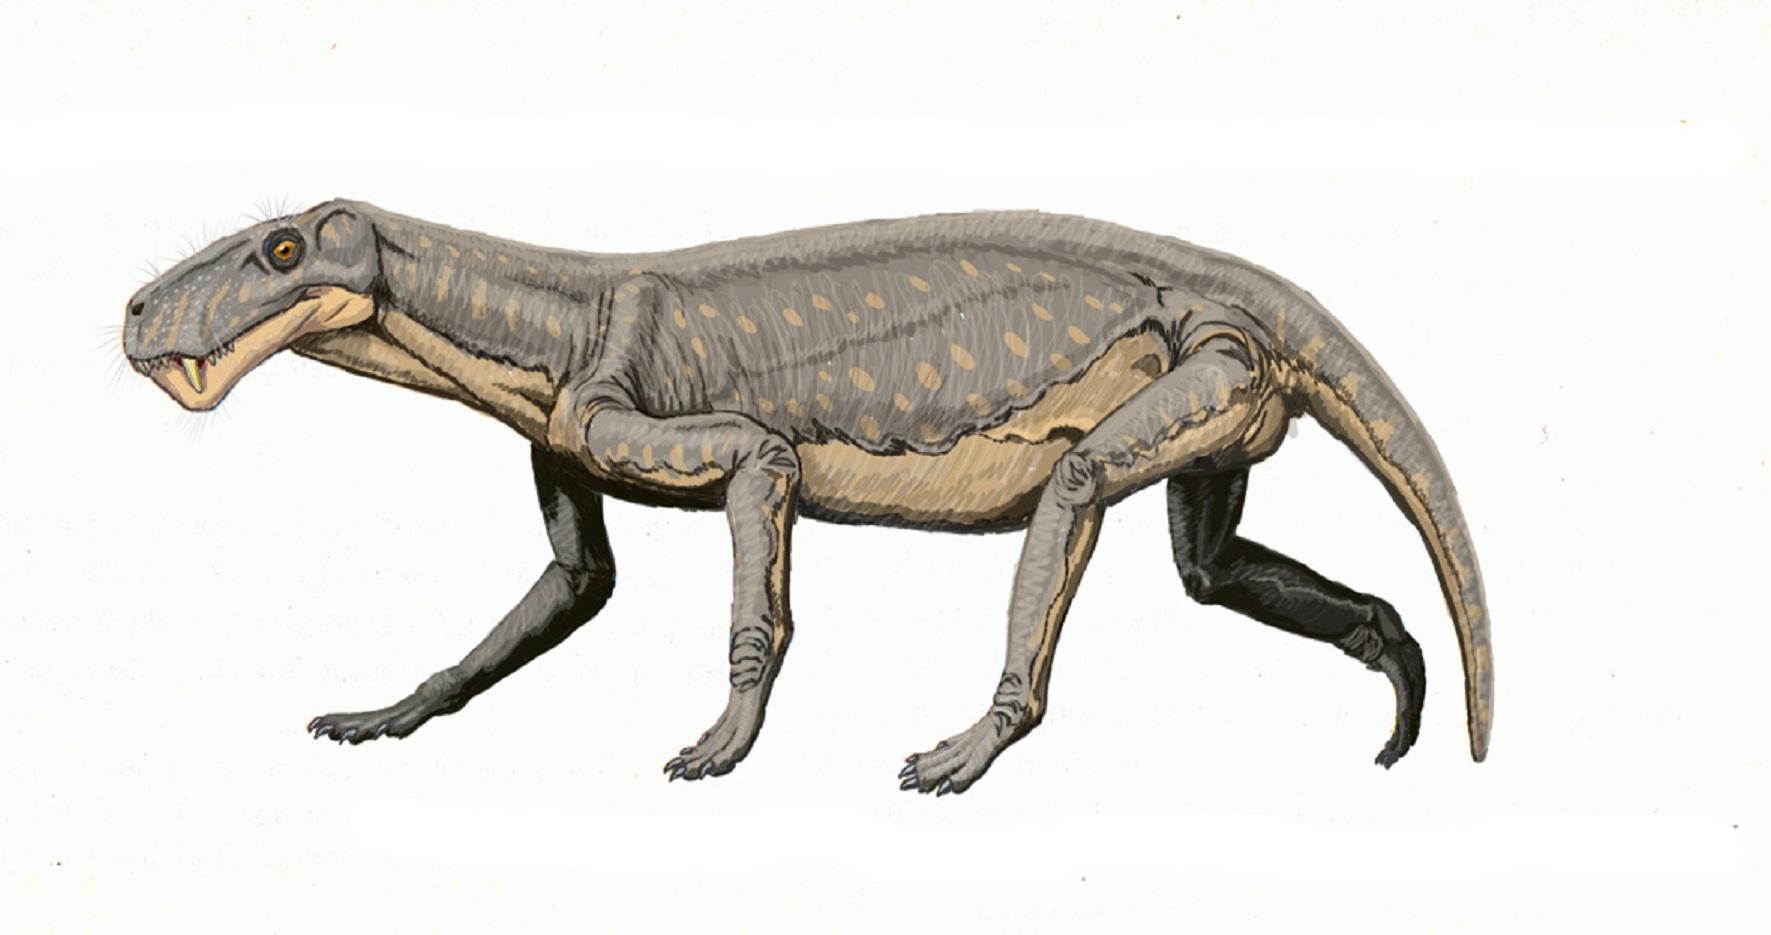 Lycaenops, un gorgonopsio, grupo que desapareció en la Gran Mortandad. Imagen: ДиБгд. Fuente: Wikimedia Commons.